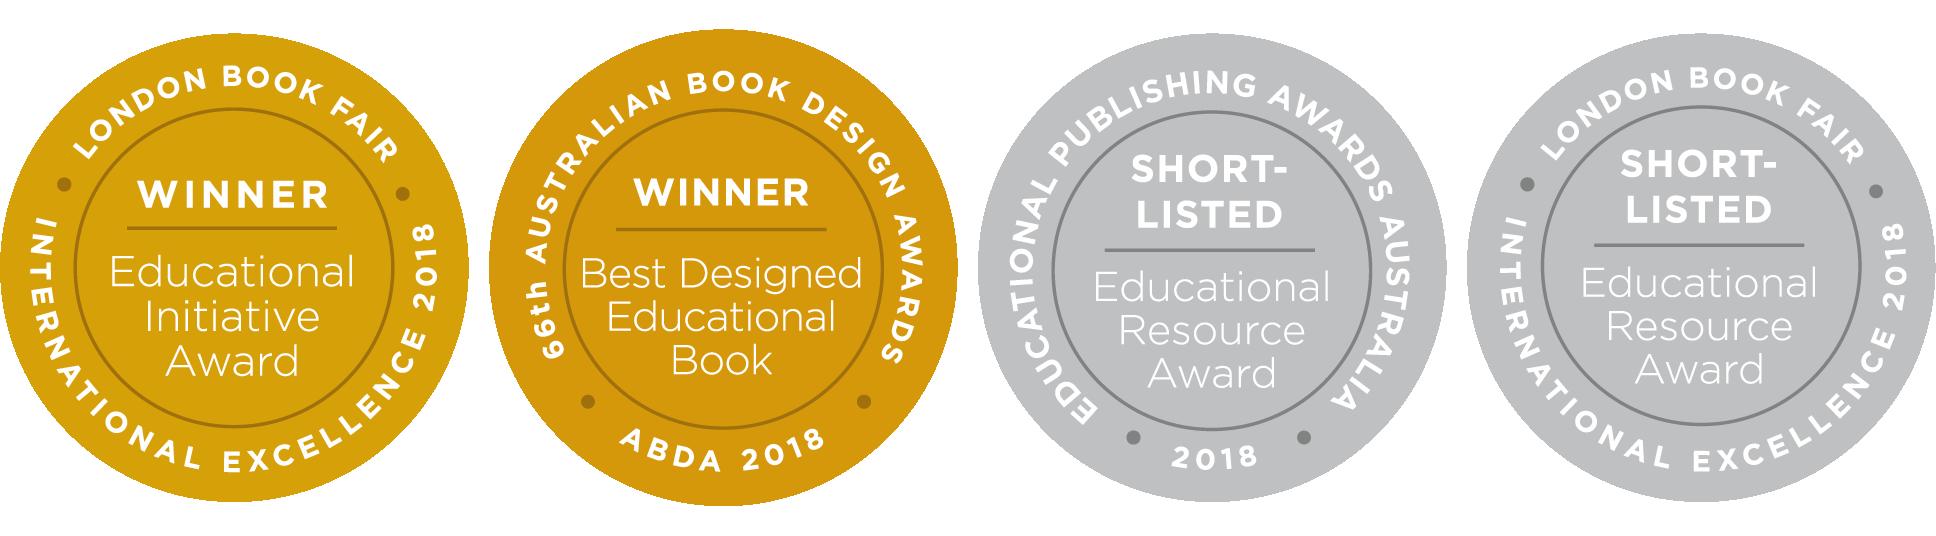 Images for best designed resource awards